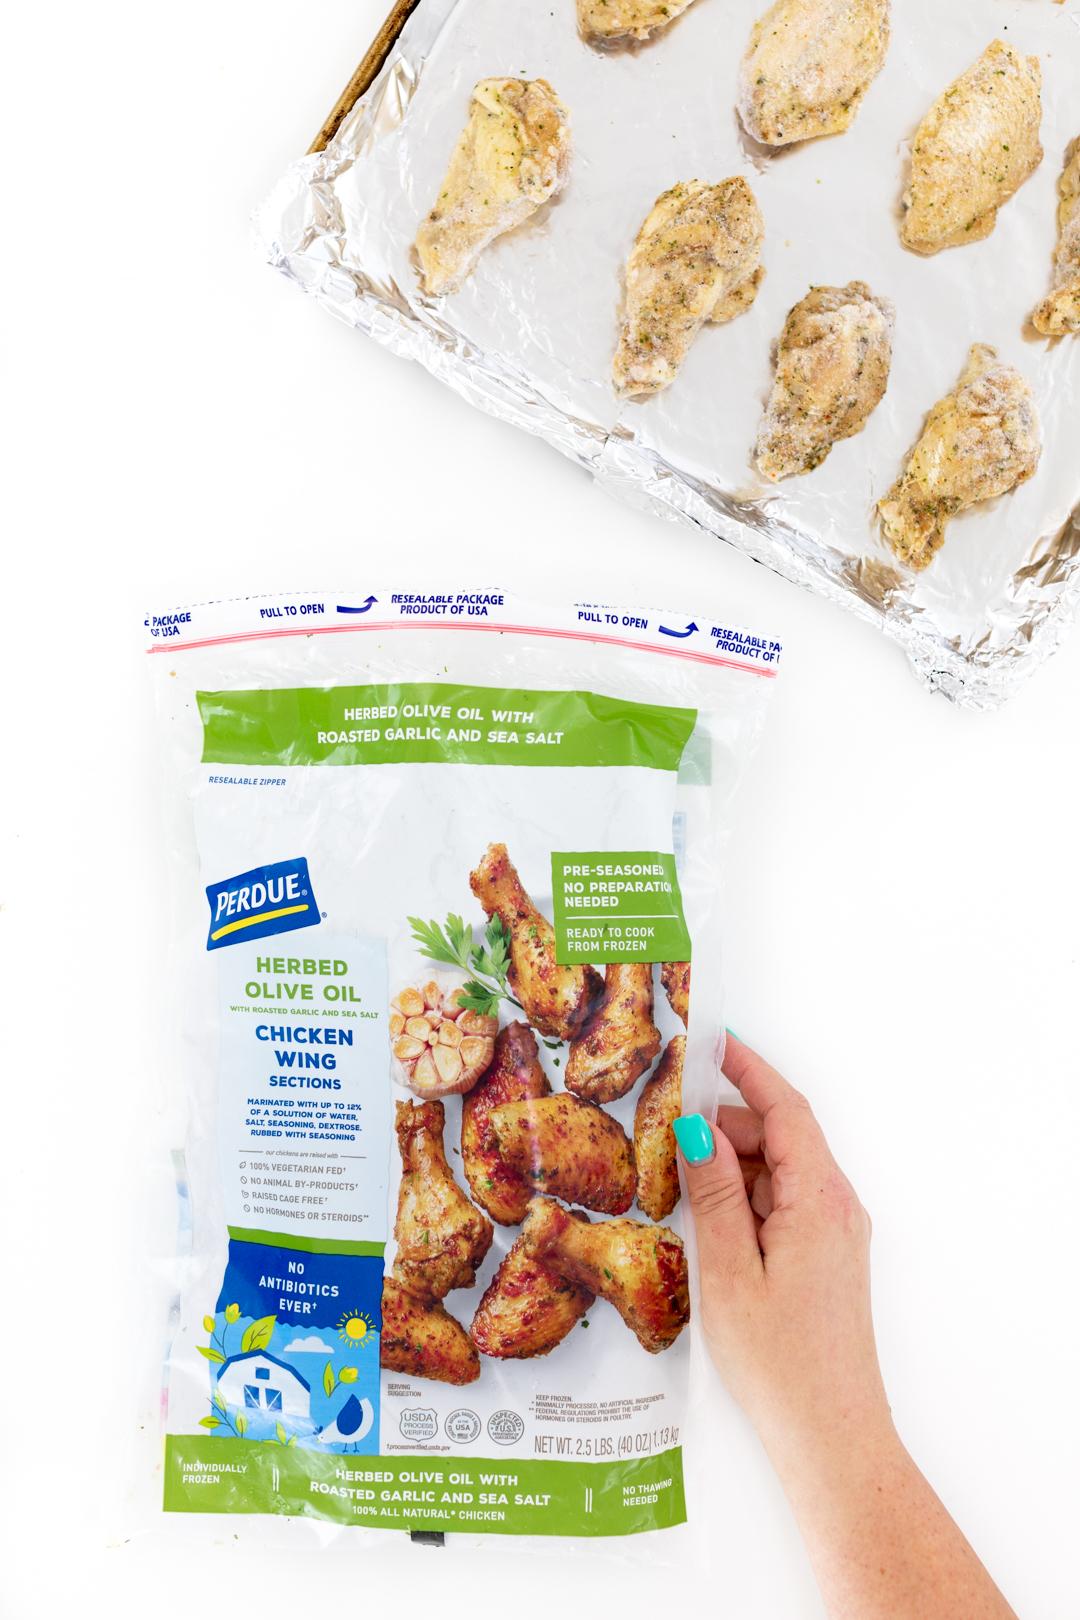 Baking chicken wings on a baking sheet